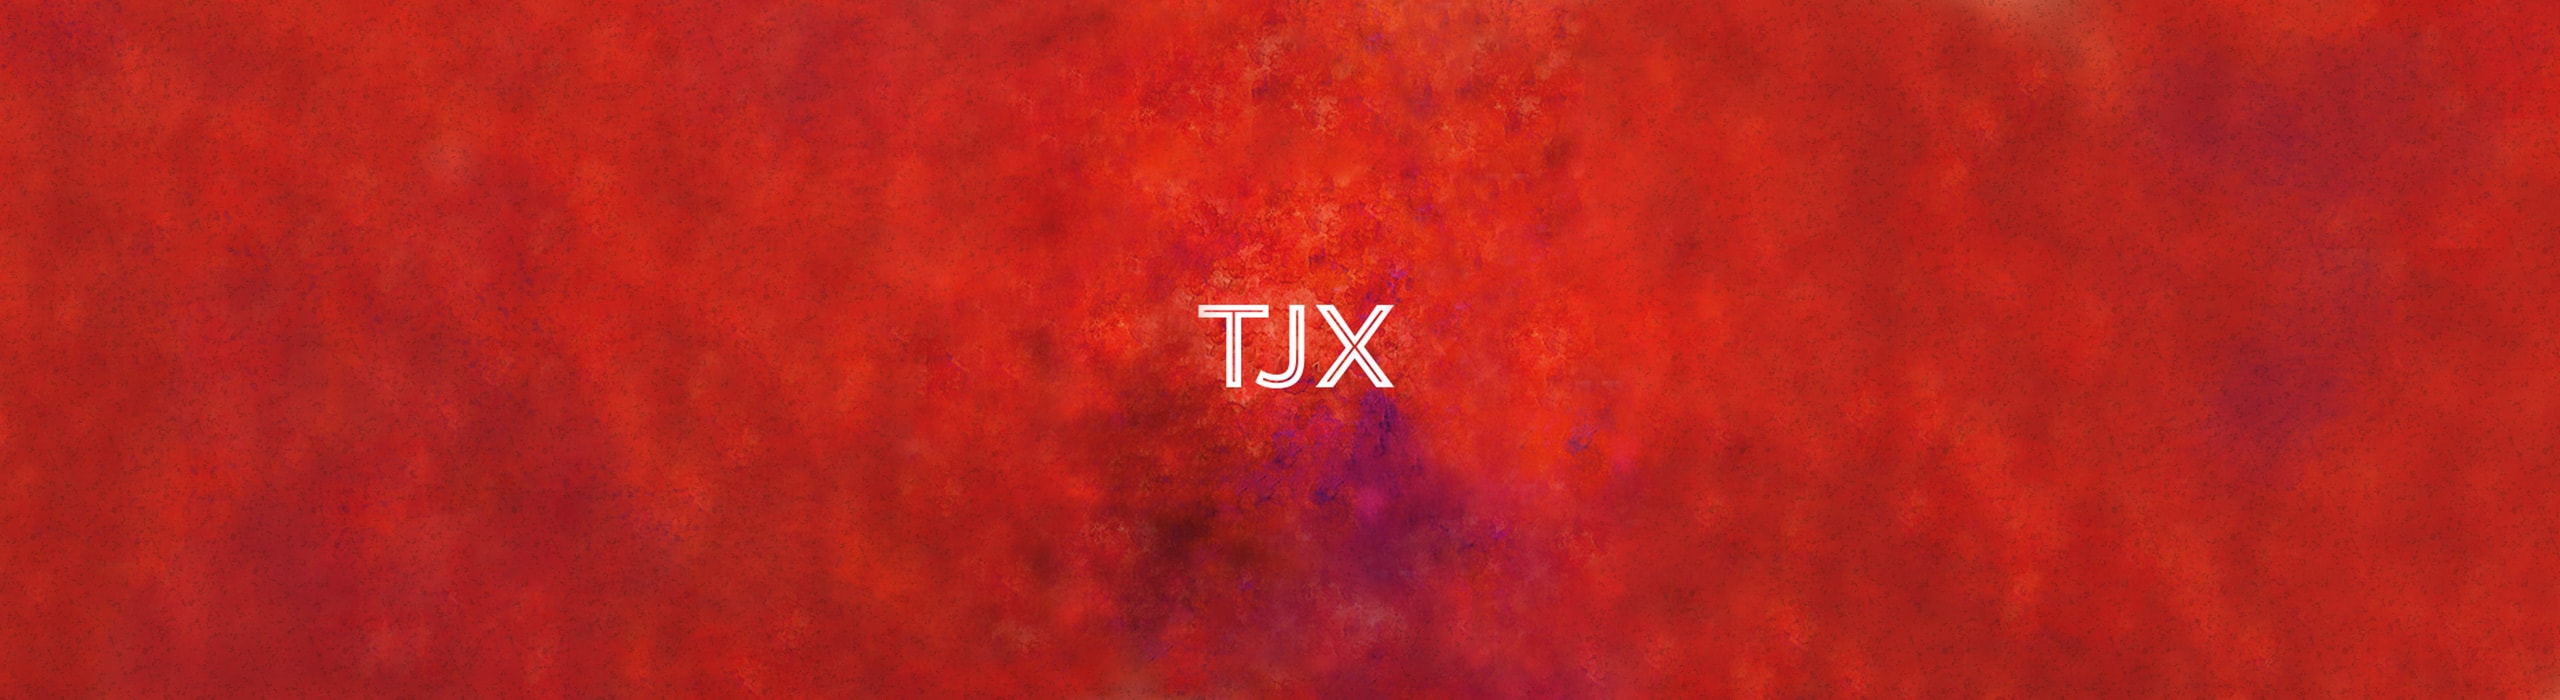 TJX - natie-tjx-logo - Natie Branding Agency